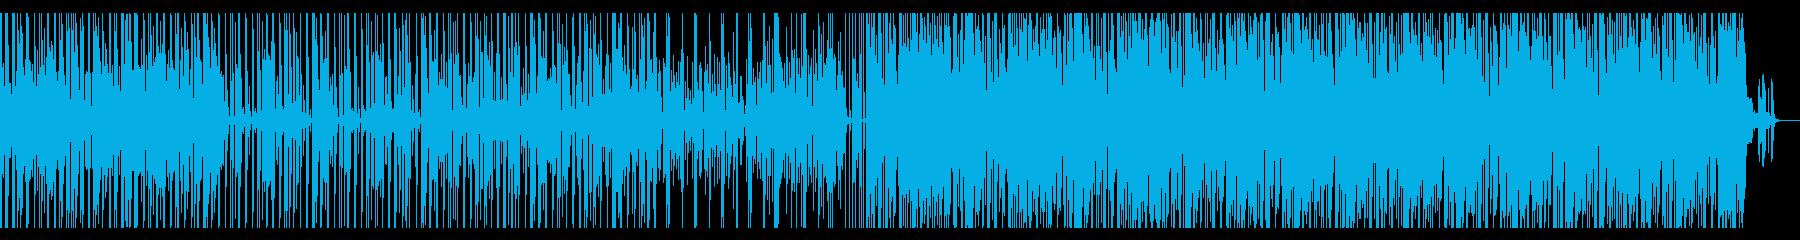 【短いVer4】70年代ファンクロック風の再生済みの波形